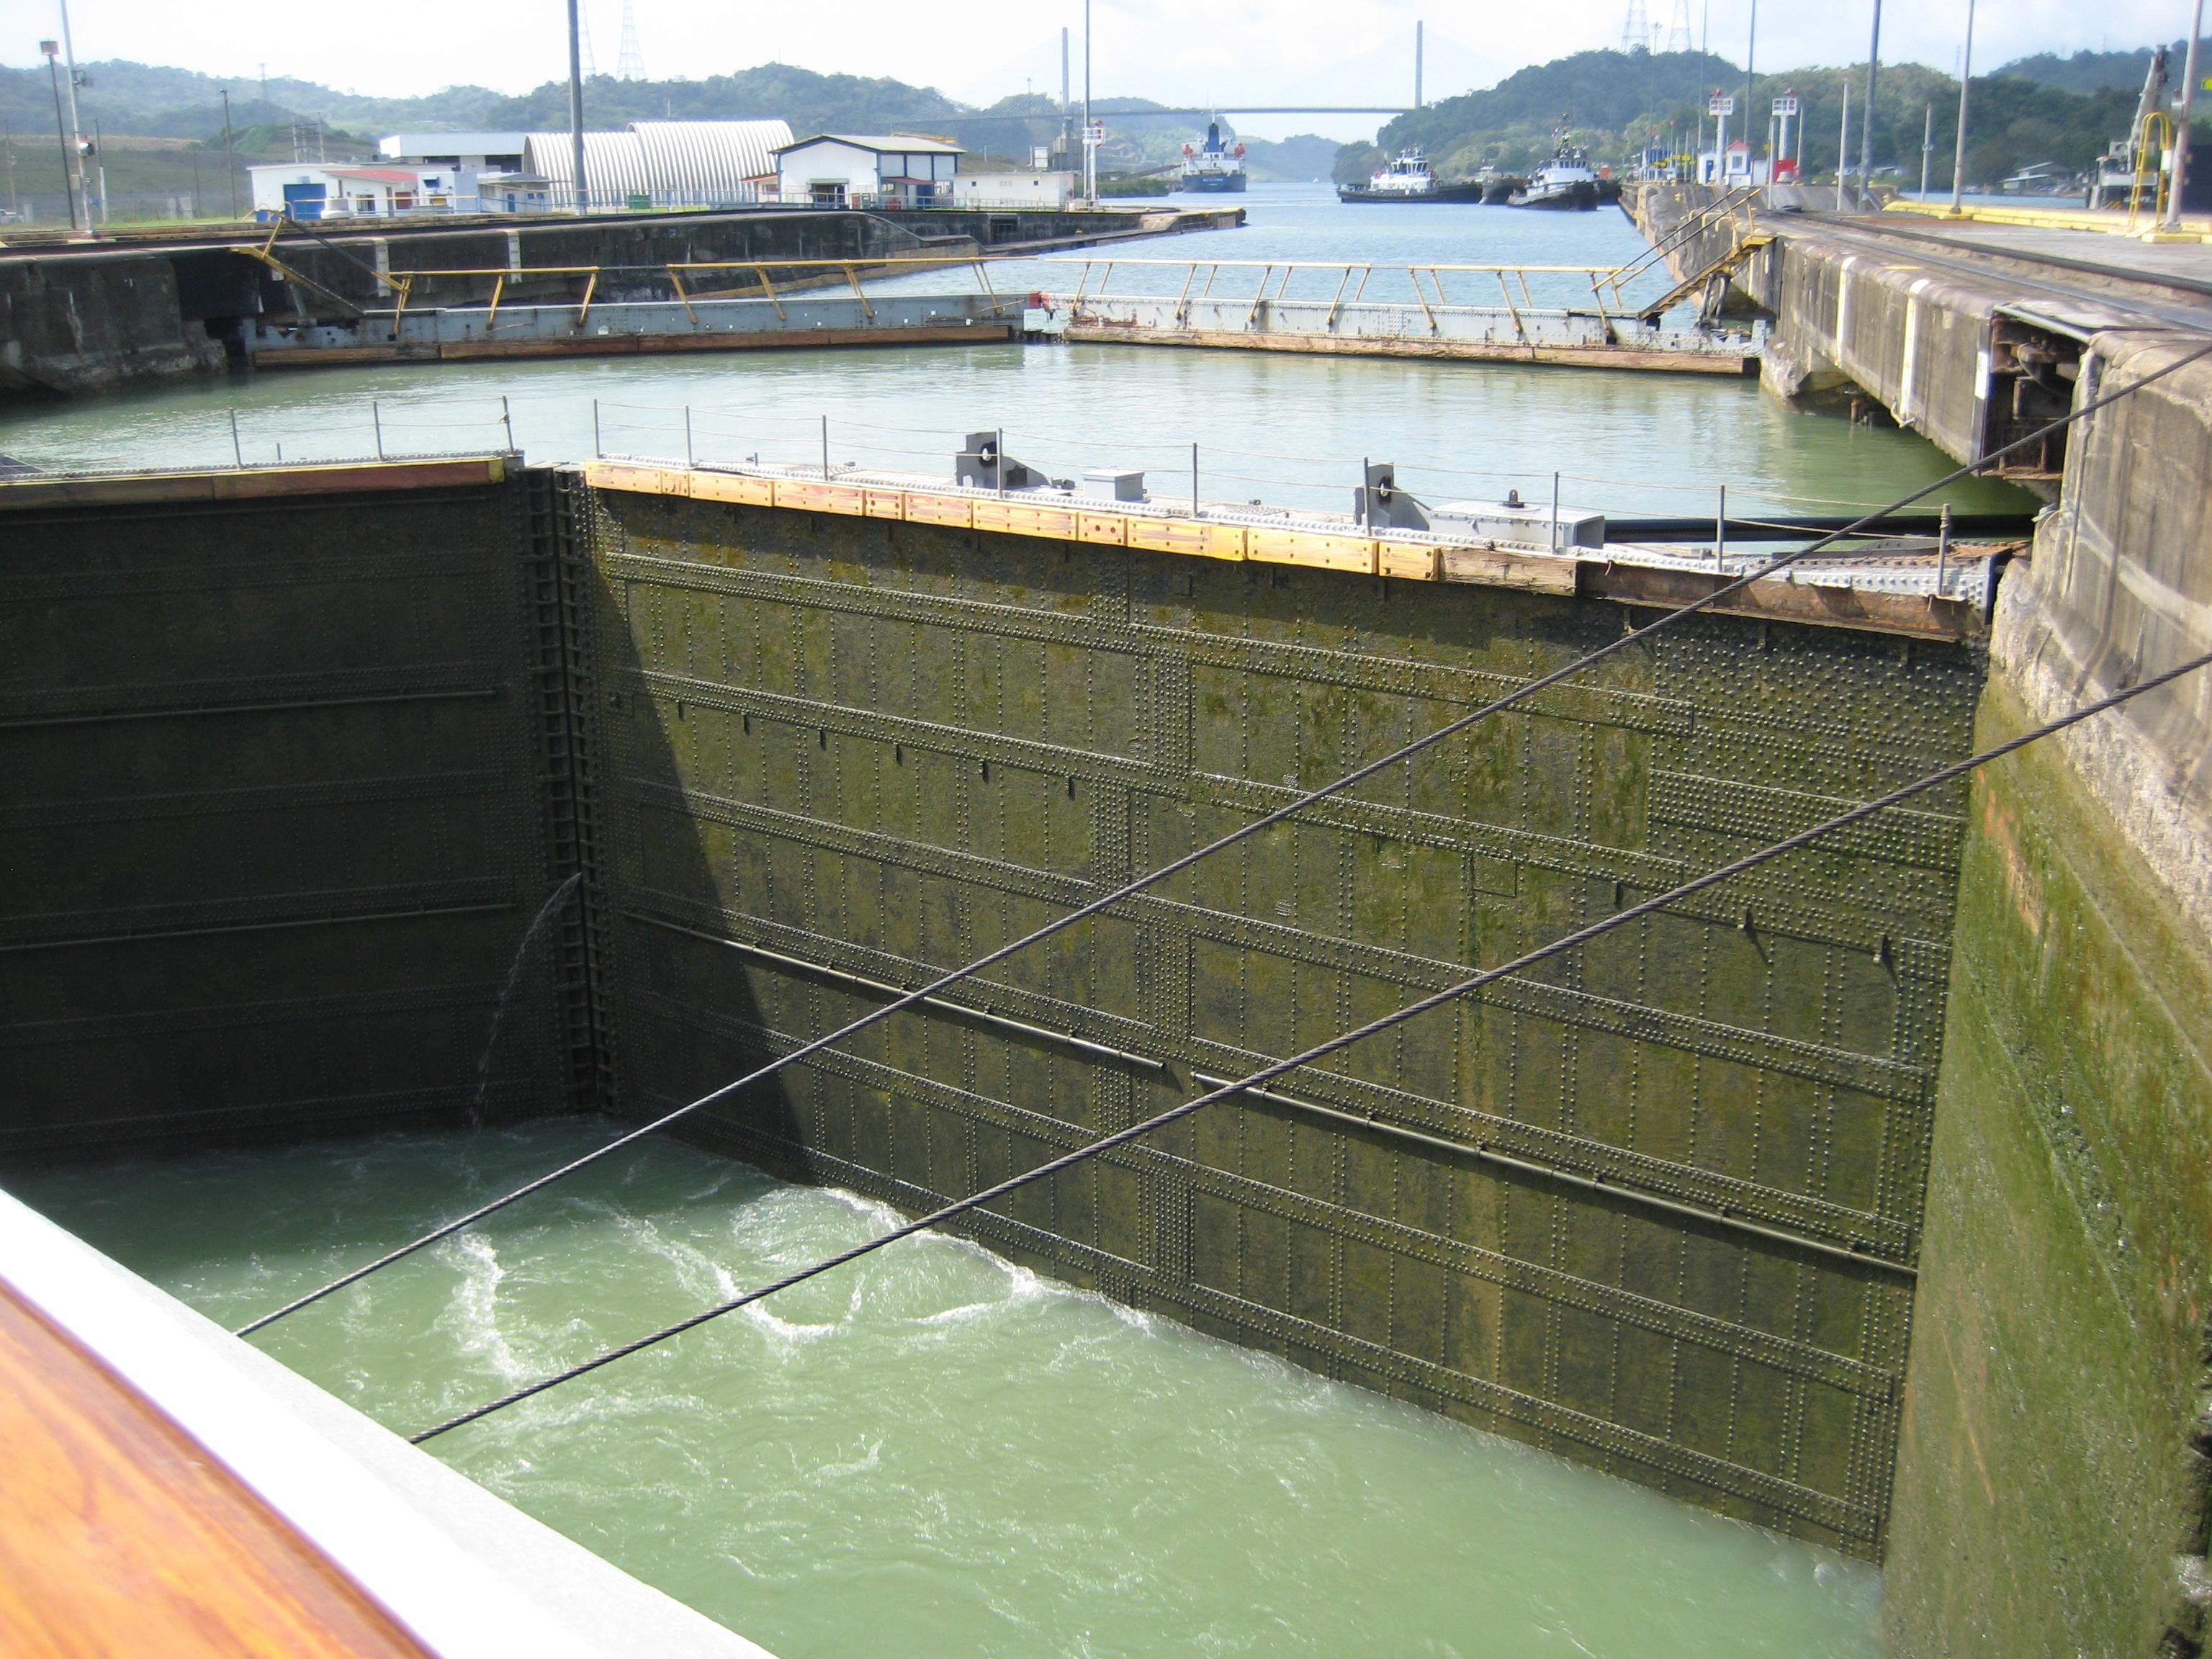 Panama Canal Empty Lock